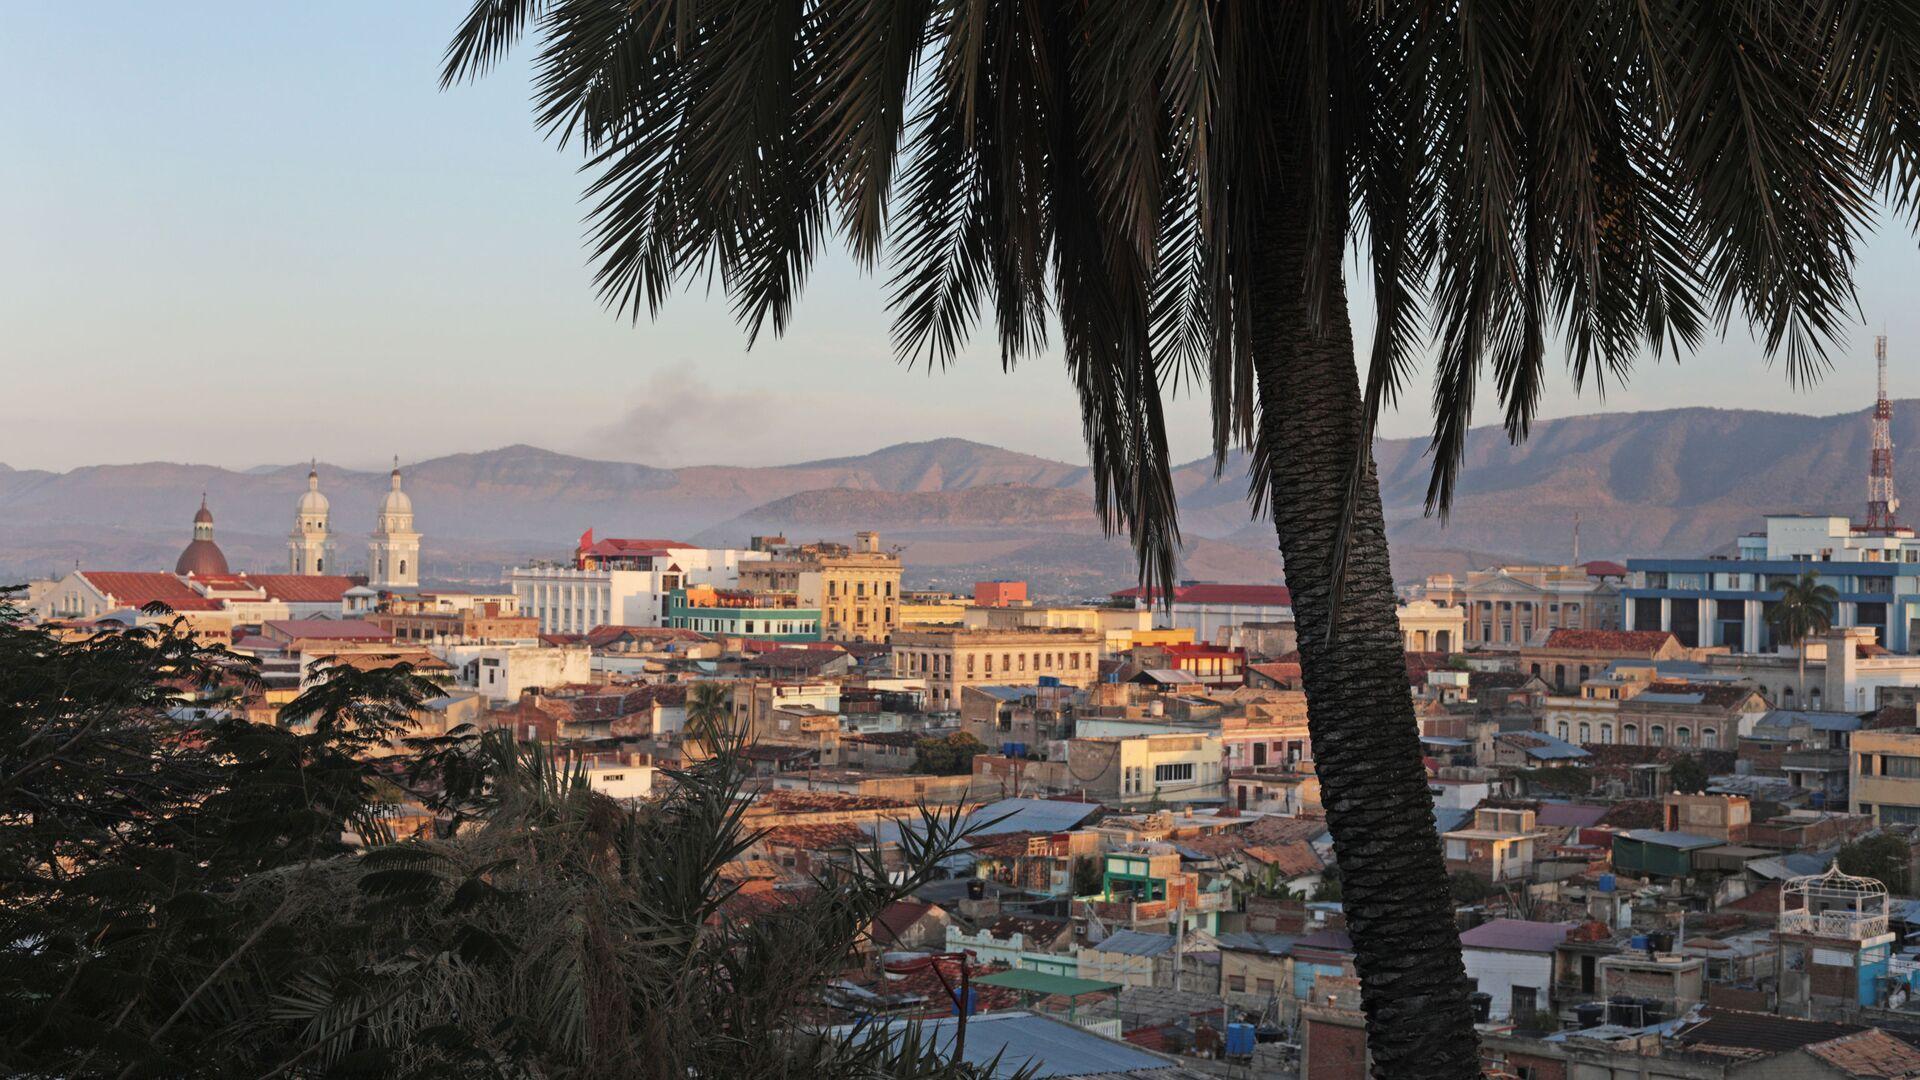 Widok na miasto Santiago de Cuba z tarasu widokowego - Sputnik Polska, 1920, 26.07.2021